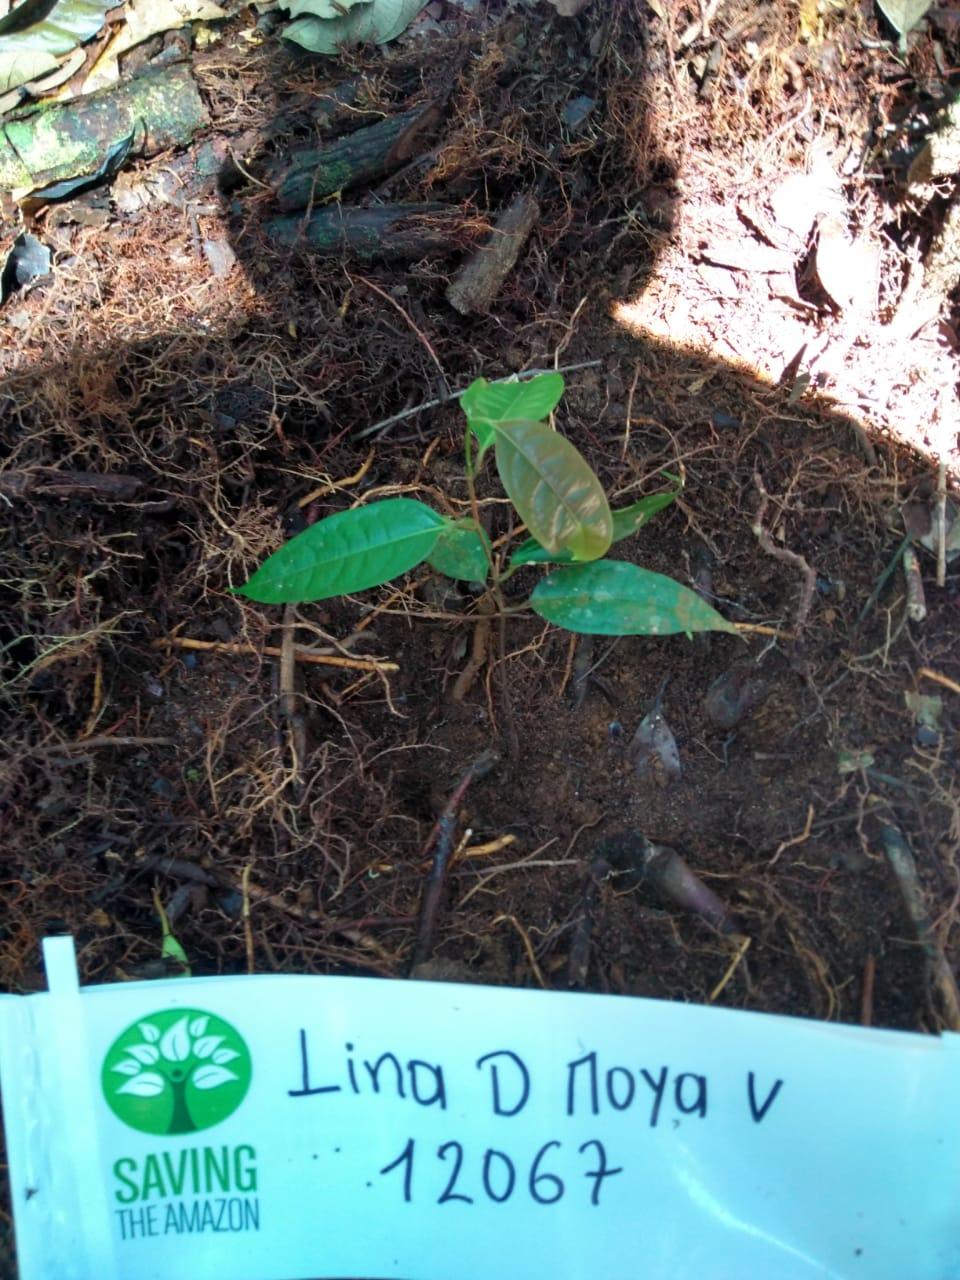 Lina D Moya V